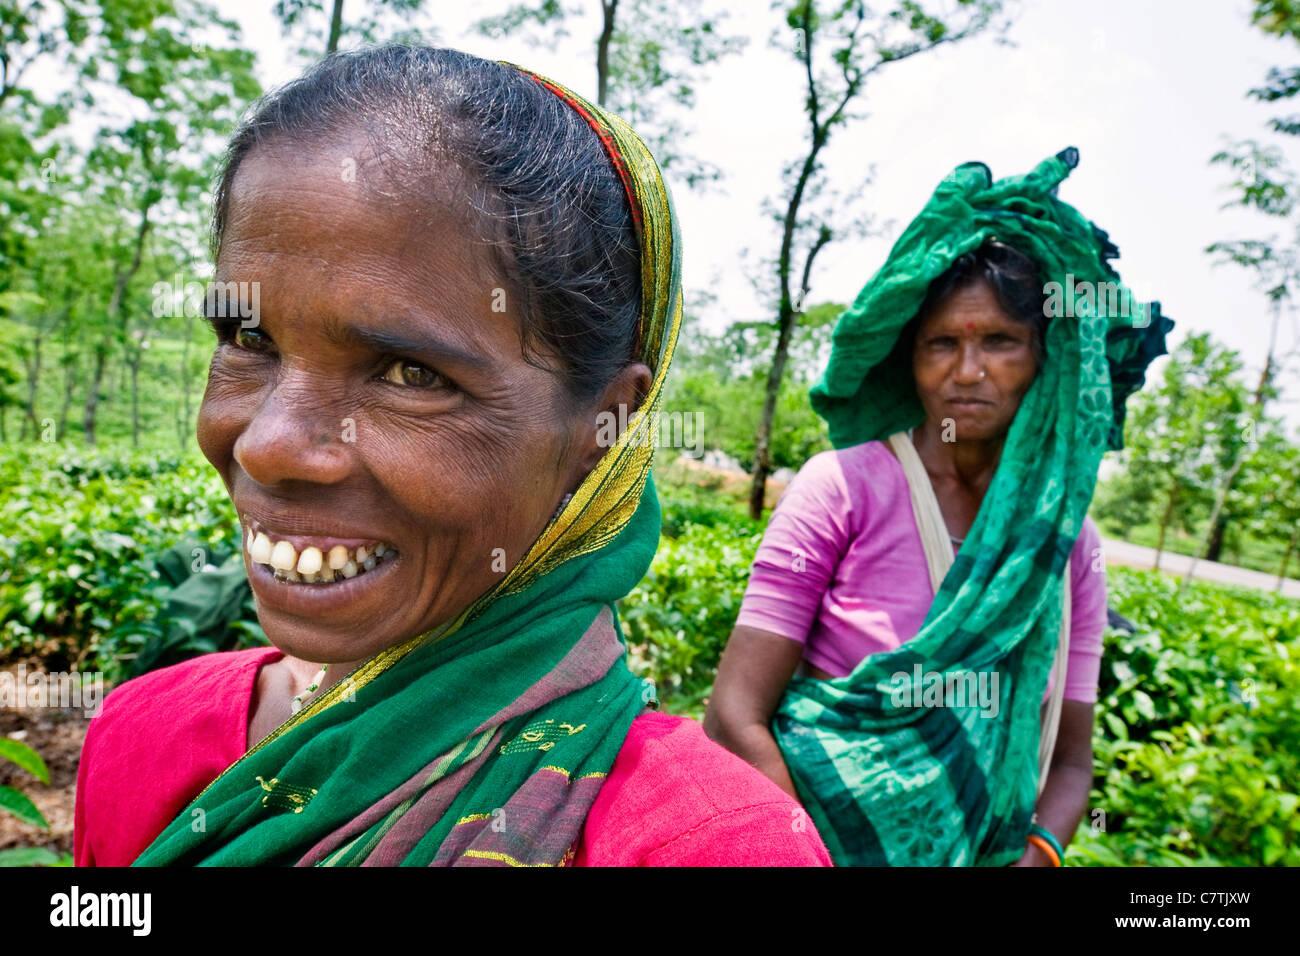 Bangladesh, Rangamati, retrato de mujer trabajando en las plantaciones de té Imagen De Stock